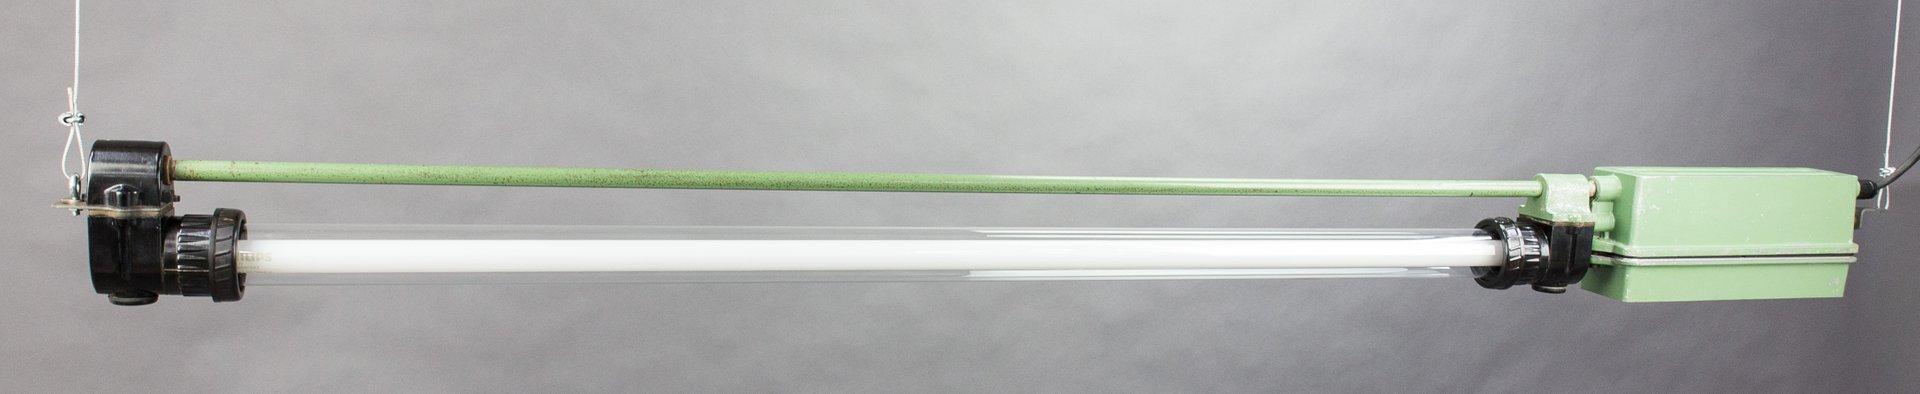 Ostdeutsche vintage Leuchtstoffröhre in Grün